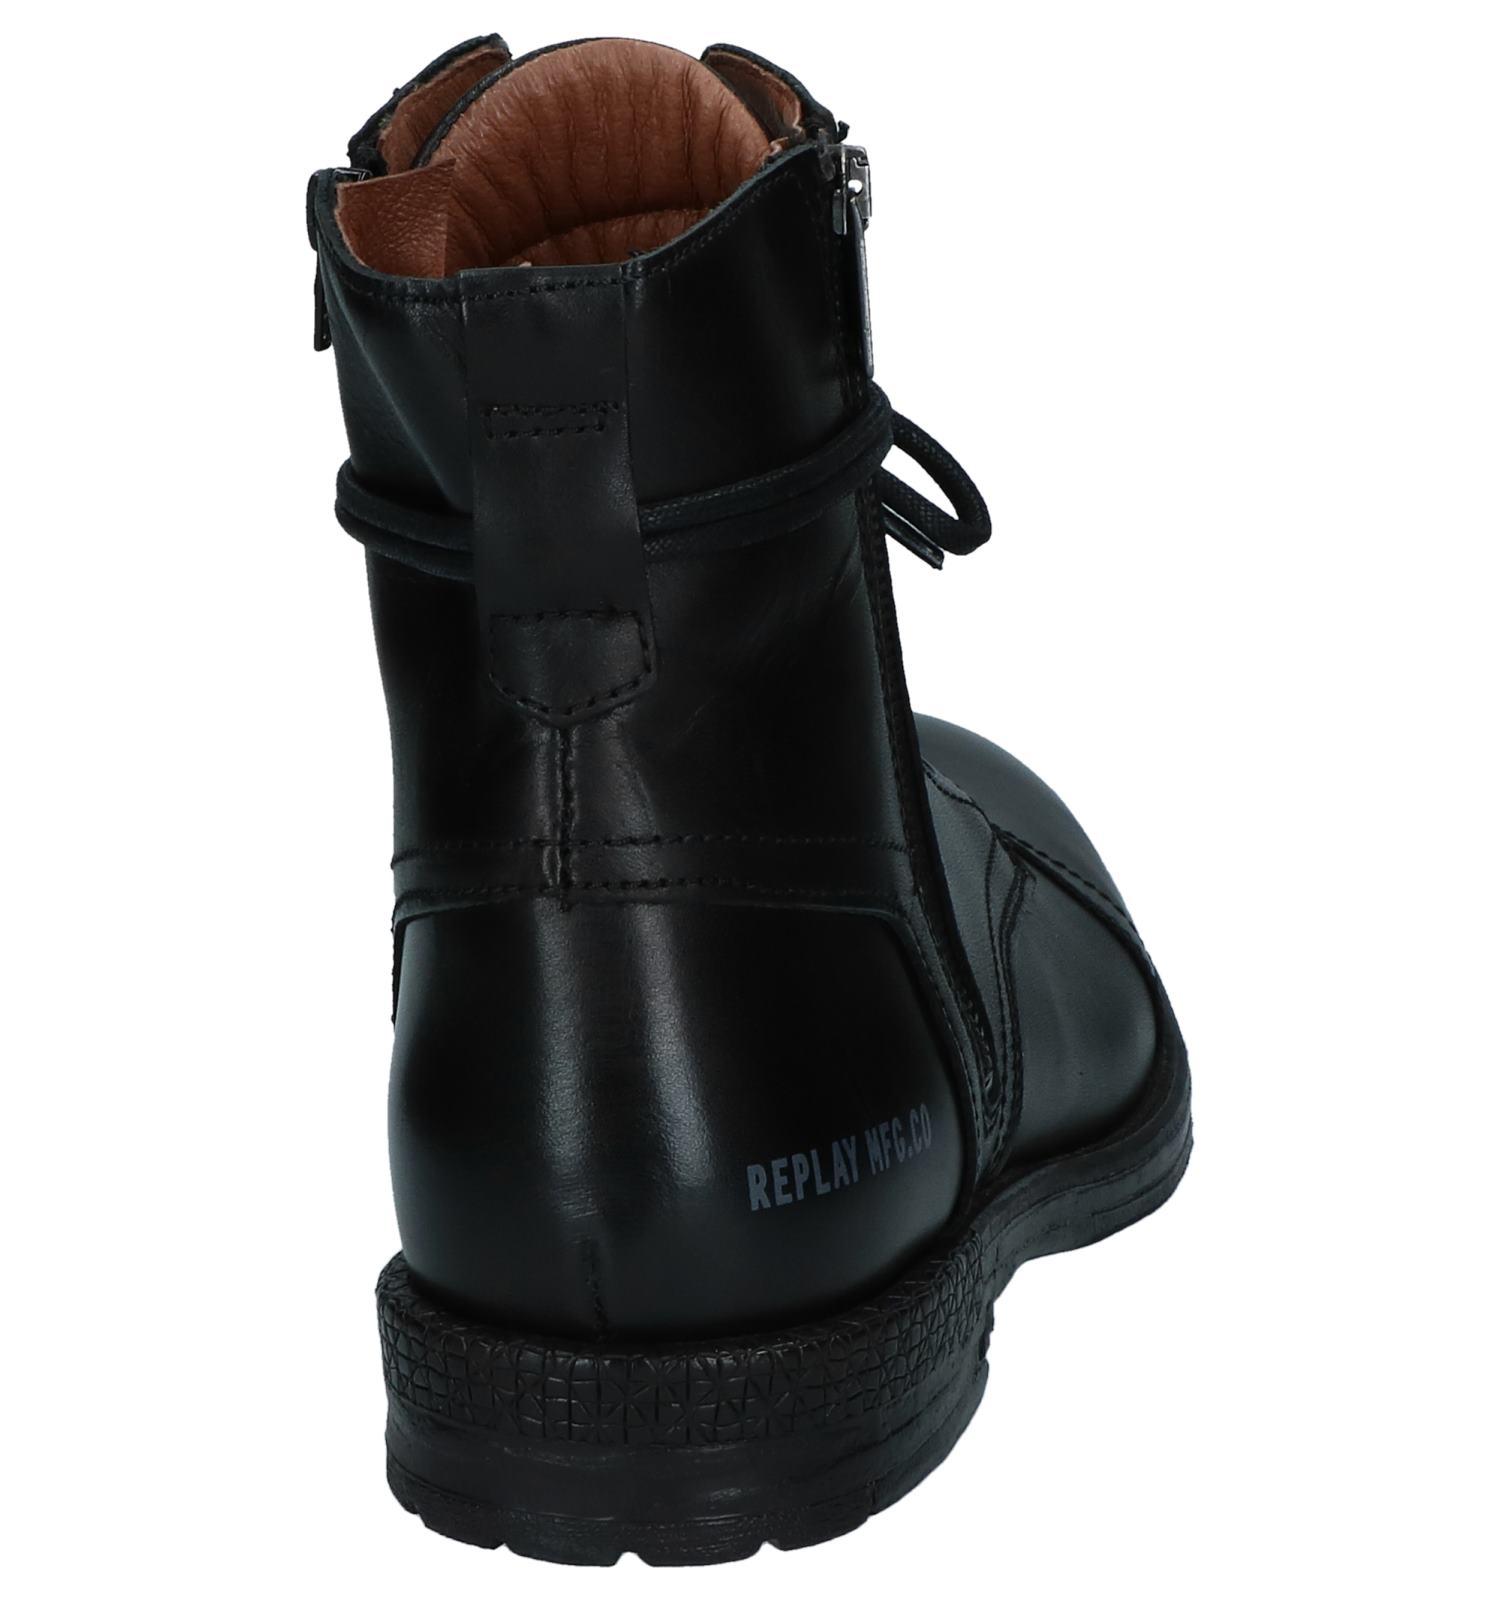 veter Replay Rits Zwarte Boots Met c3L5AR4jq